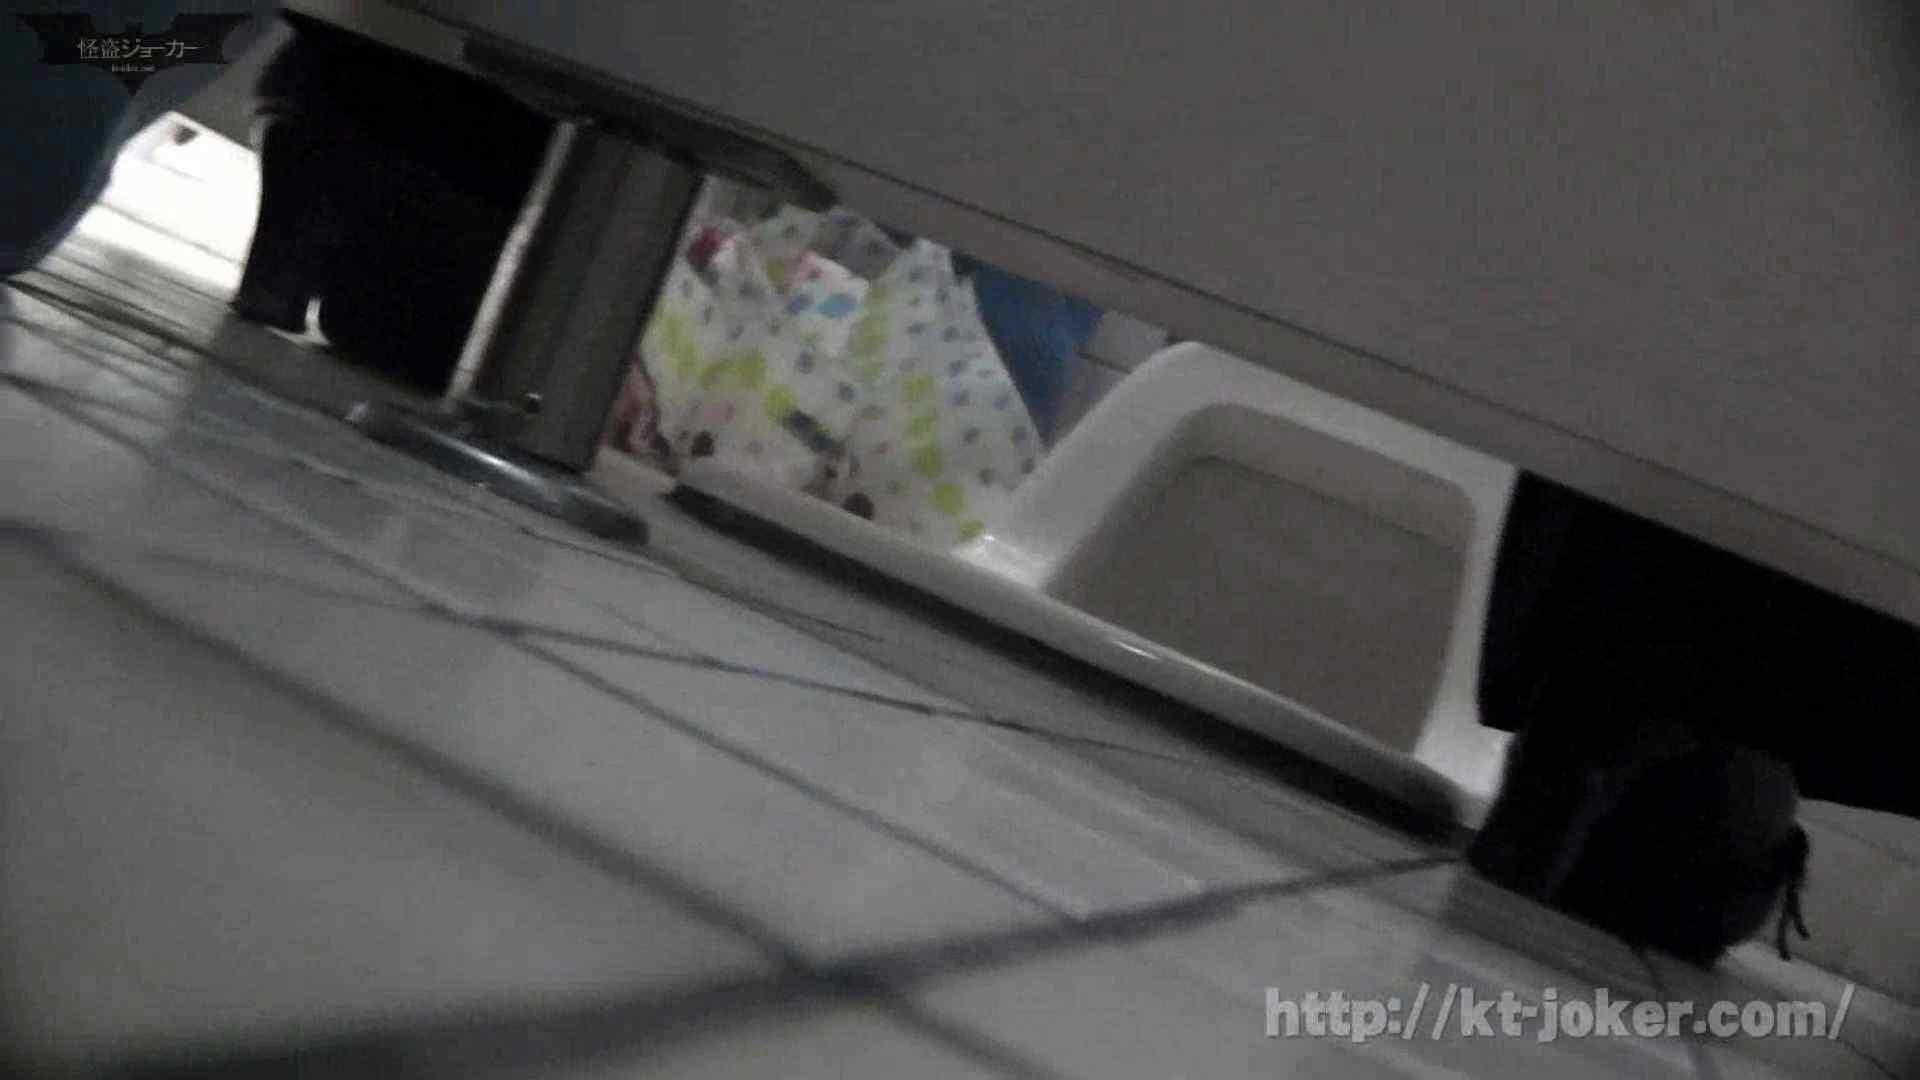 命がけ潜伏洗面所! vol.51 エロすぎる捻り? プライベート 盗撮ヌード画像 108画像 44